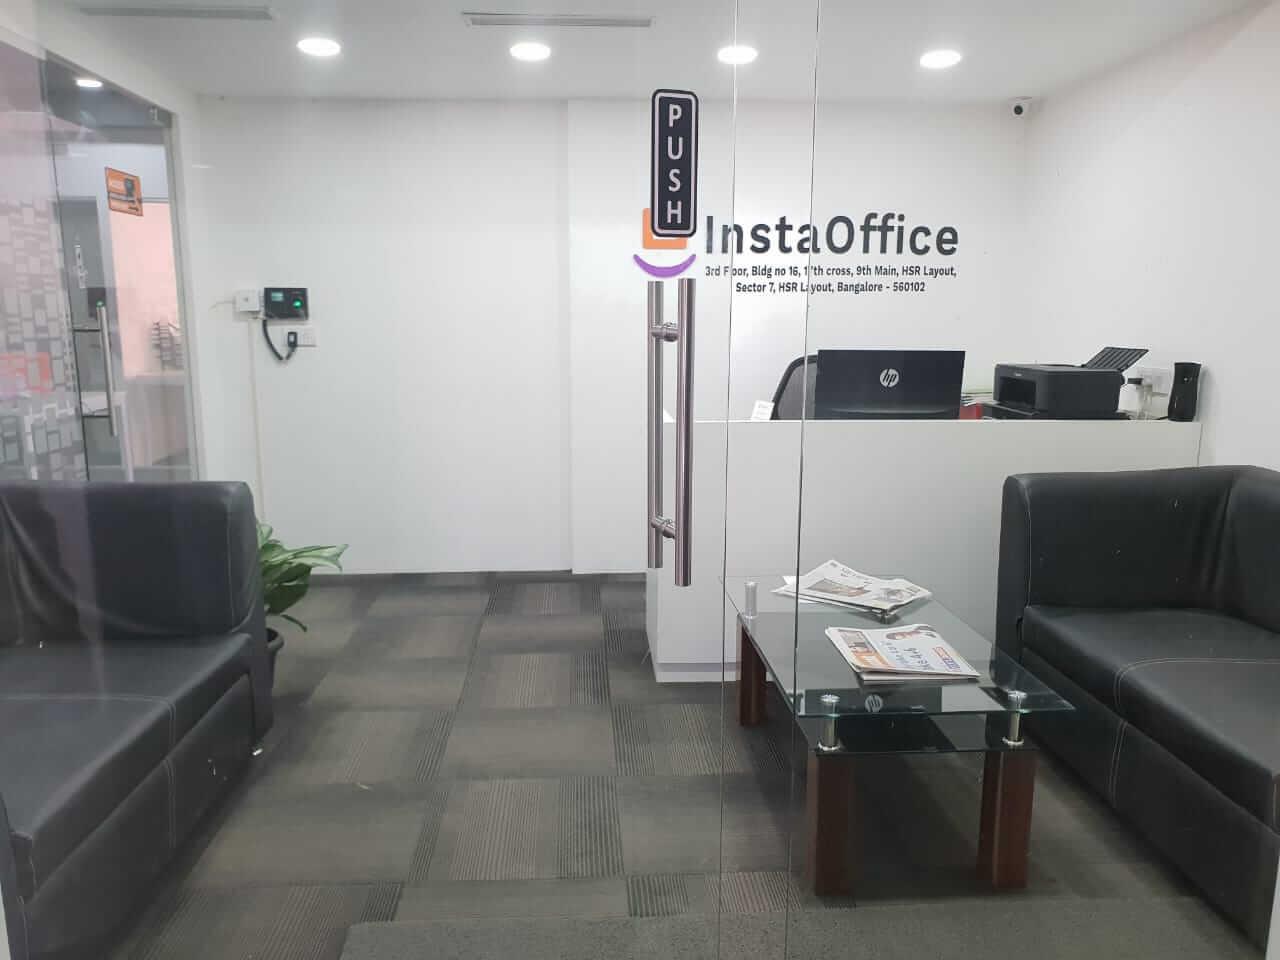 InstaOffice Sector 7